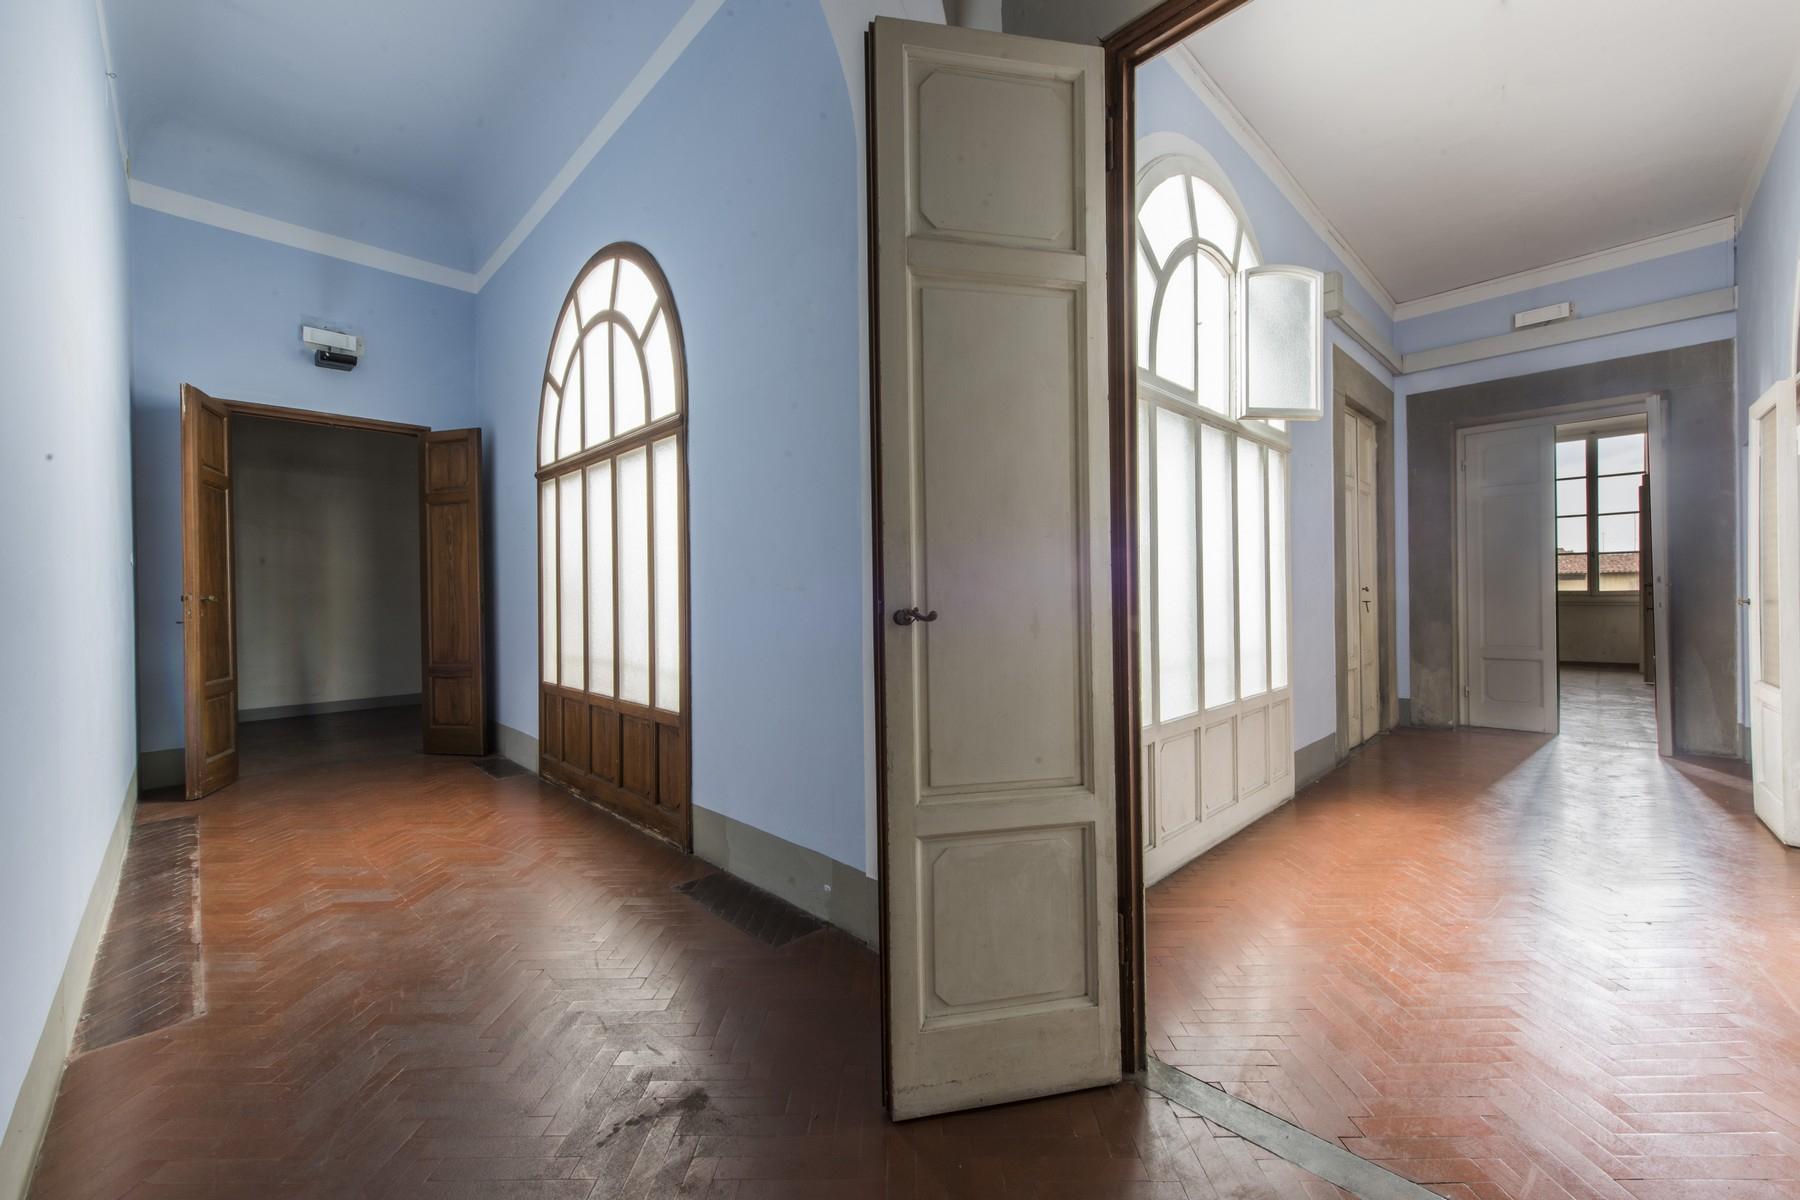 Prächtige 520 qm Penthouse im historischen florentinischen Palast - 7